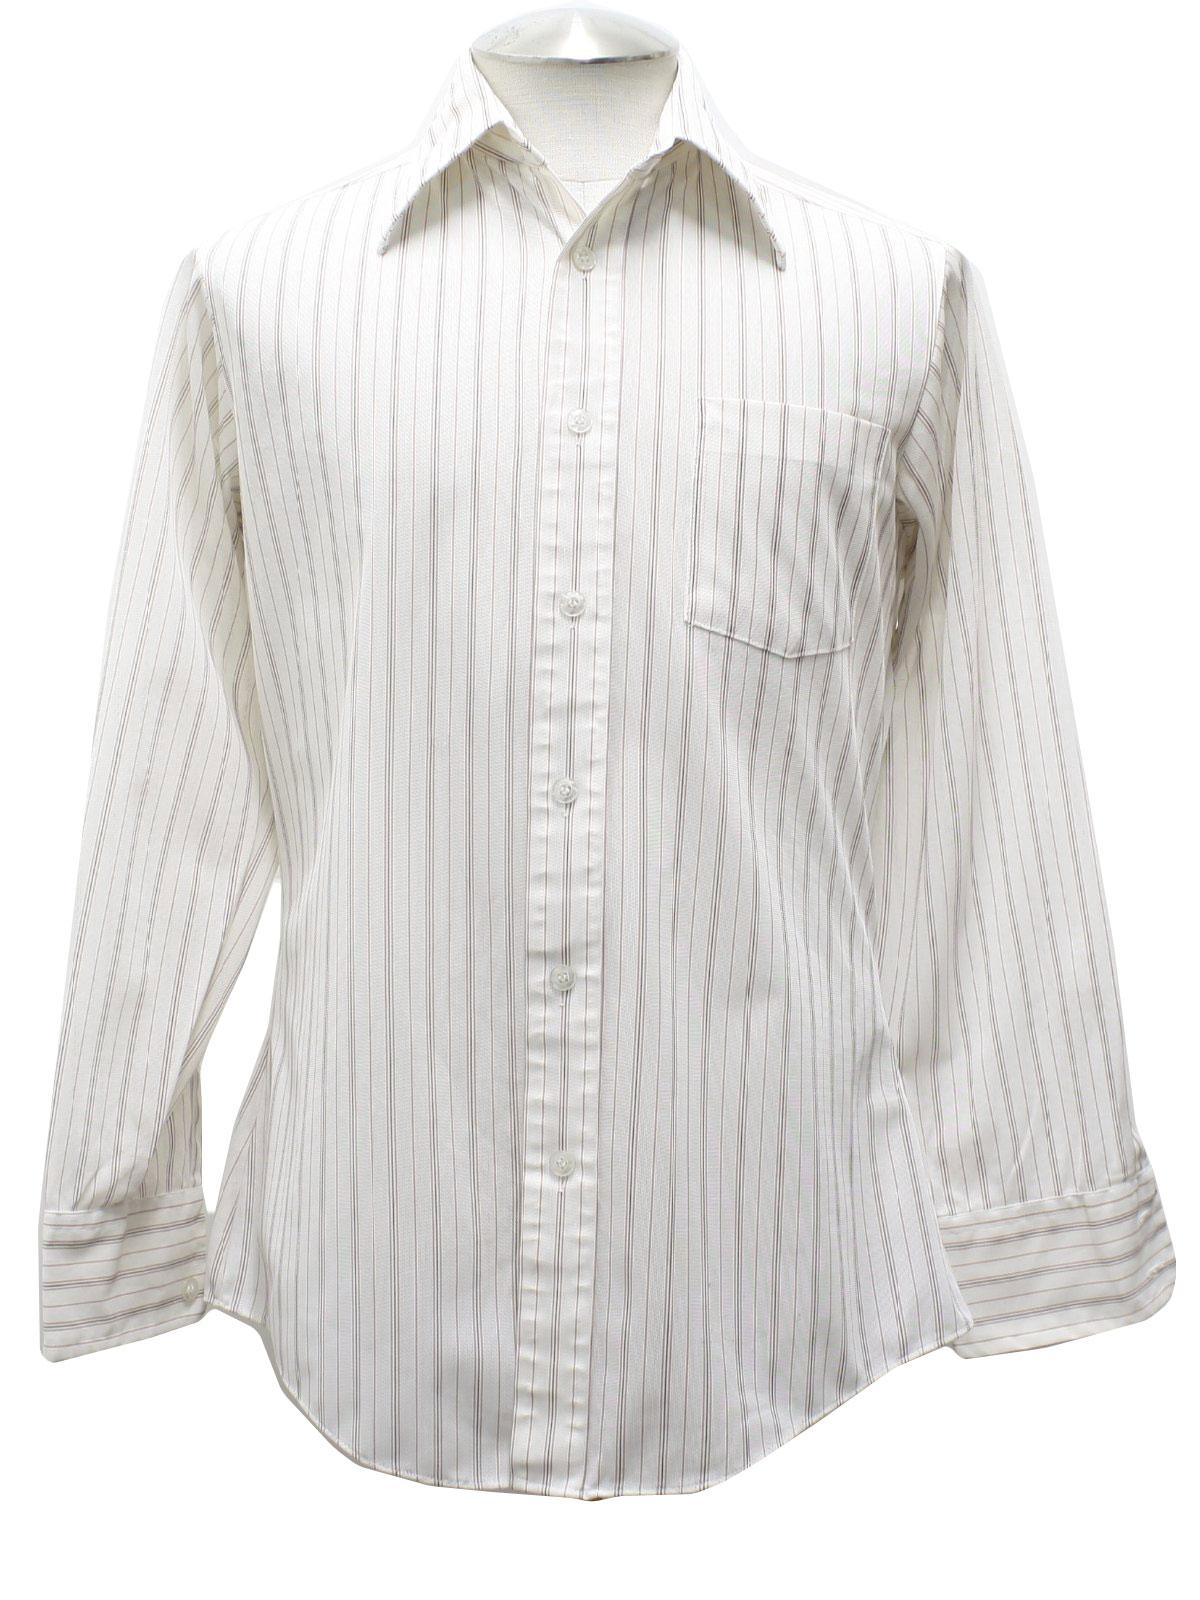 Grey+pinstripe+shirt